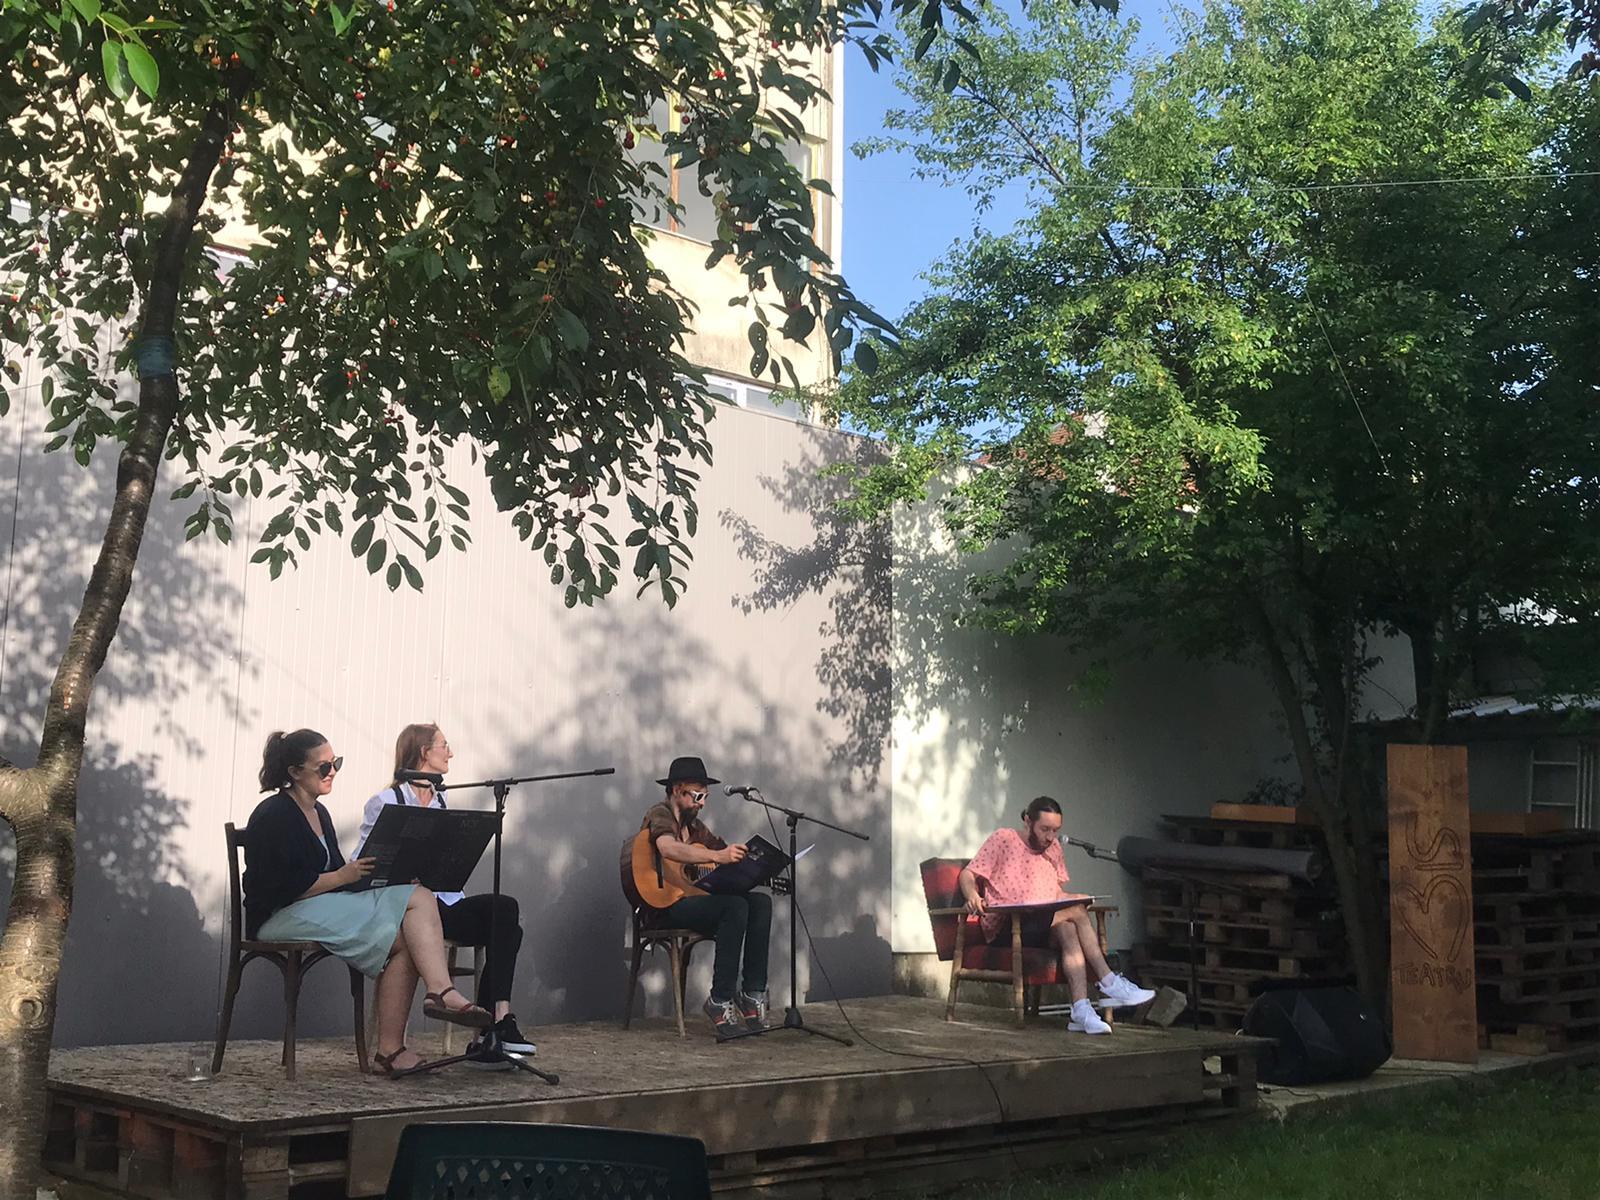 Triplă lansare de carte la Sibiu. Scriitori și actori și-au dat întâlnire cu publicul în Grădina Bis